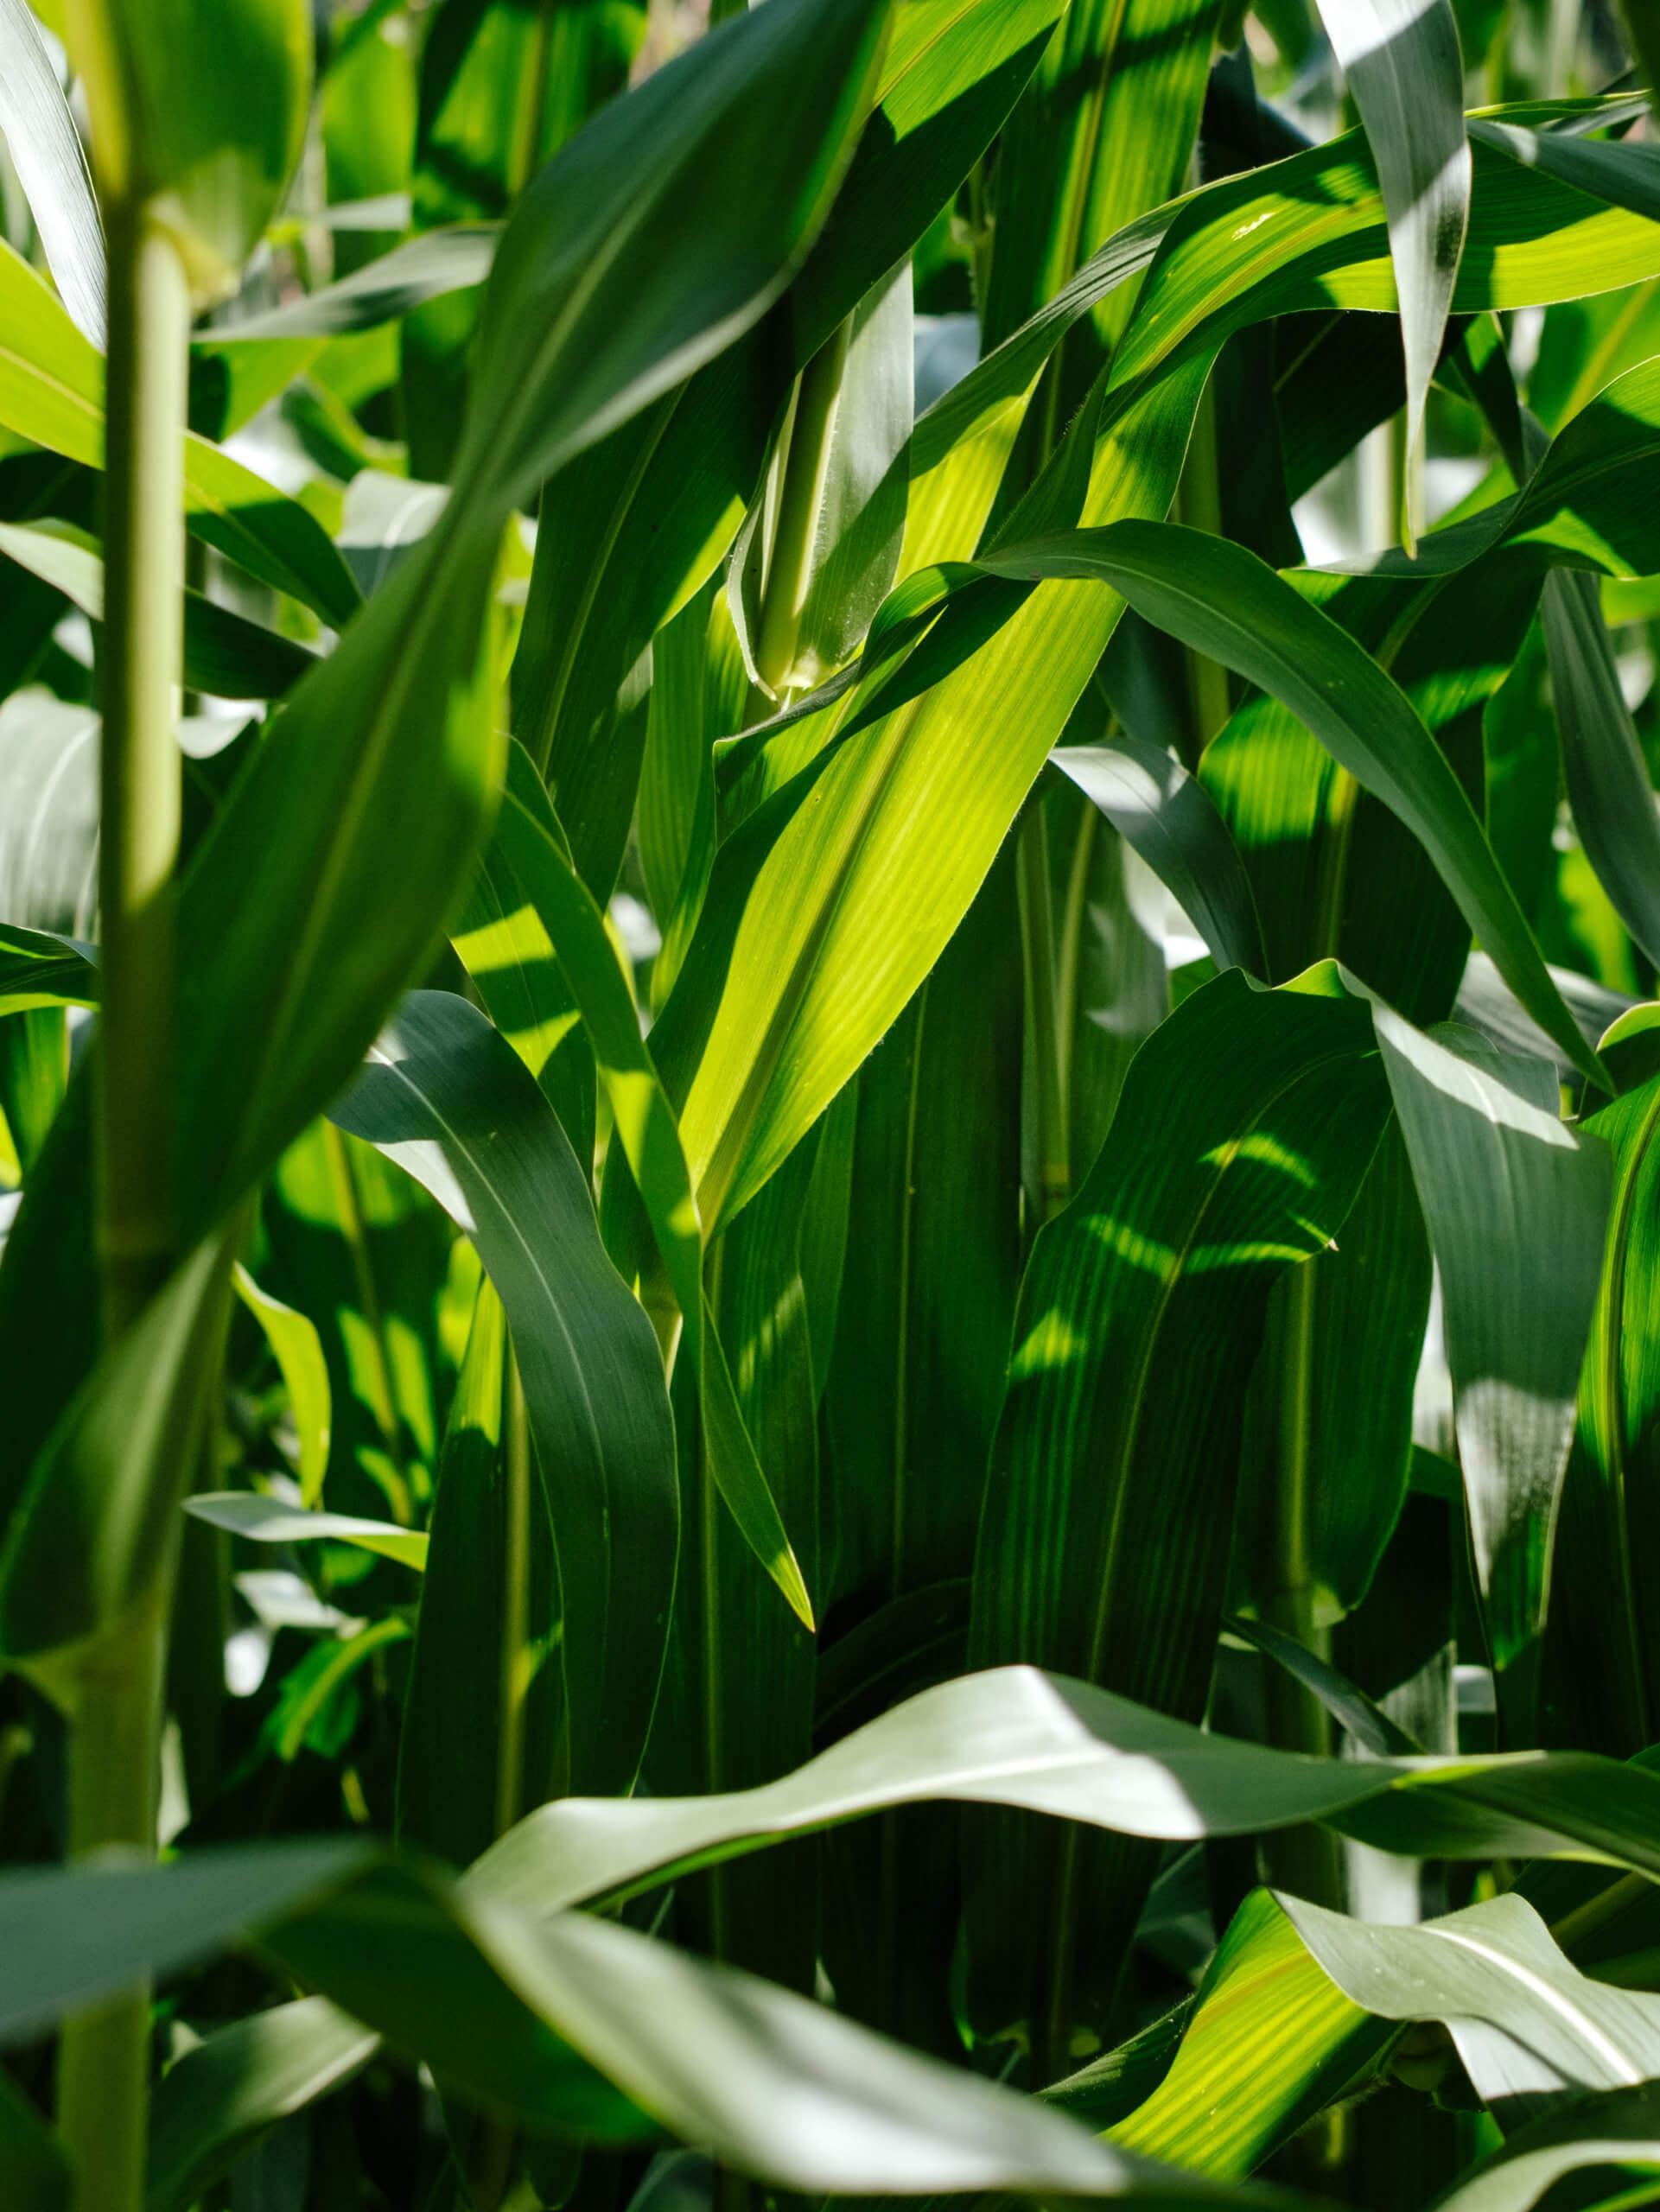 Corn Fiels